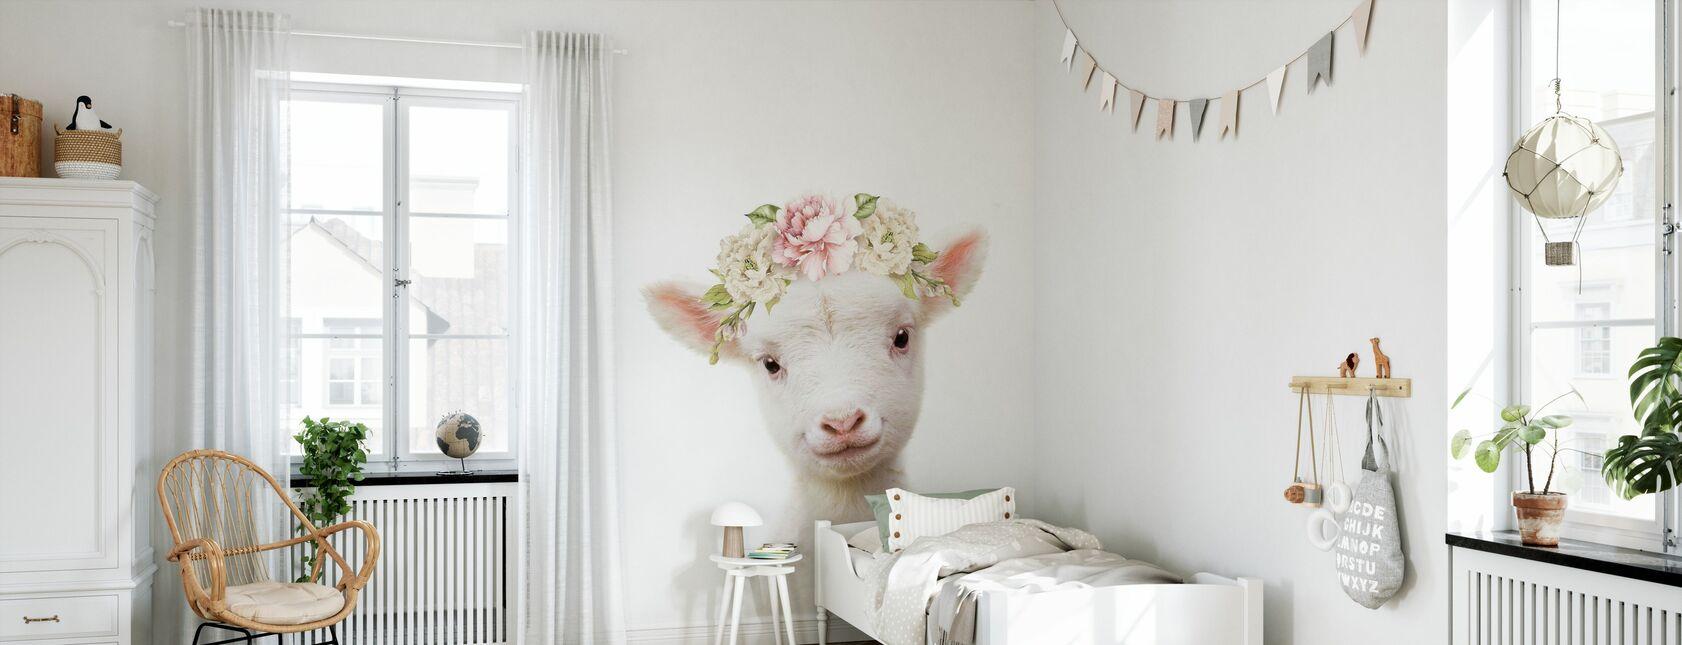 Lam met bloemen - Behang - Kinderkamer